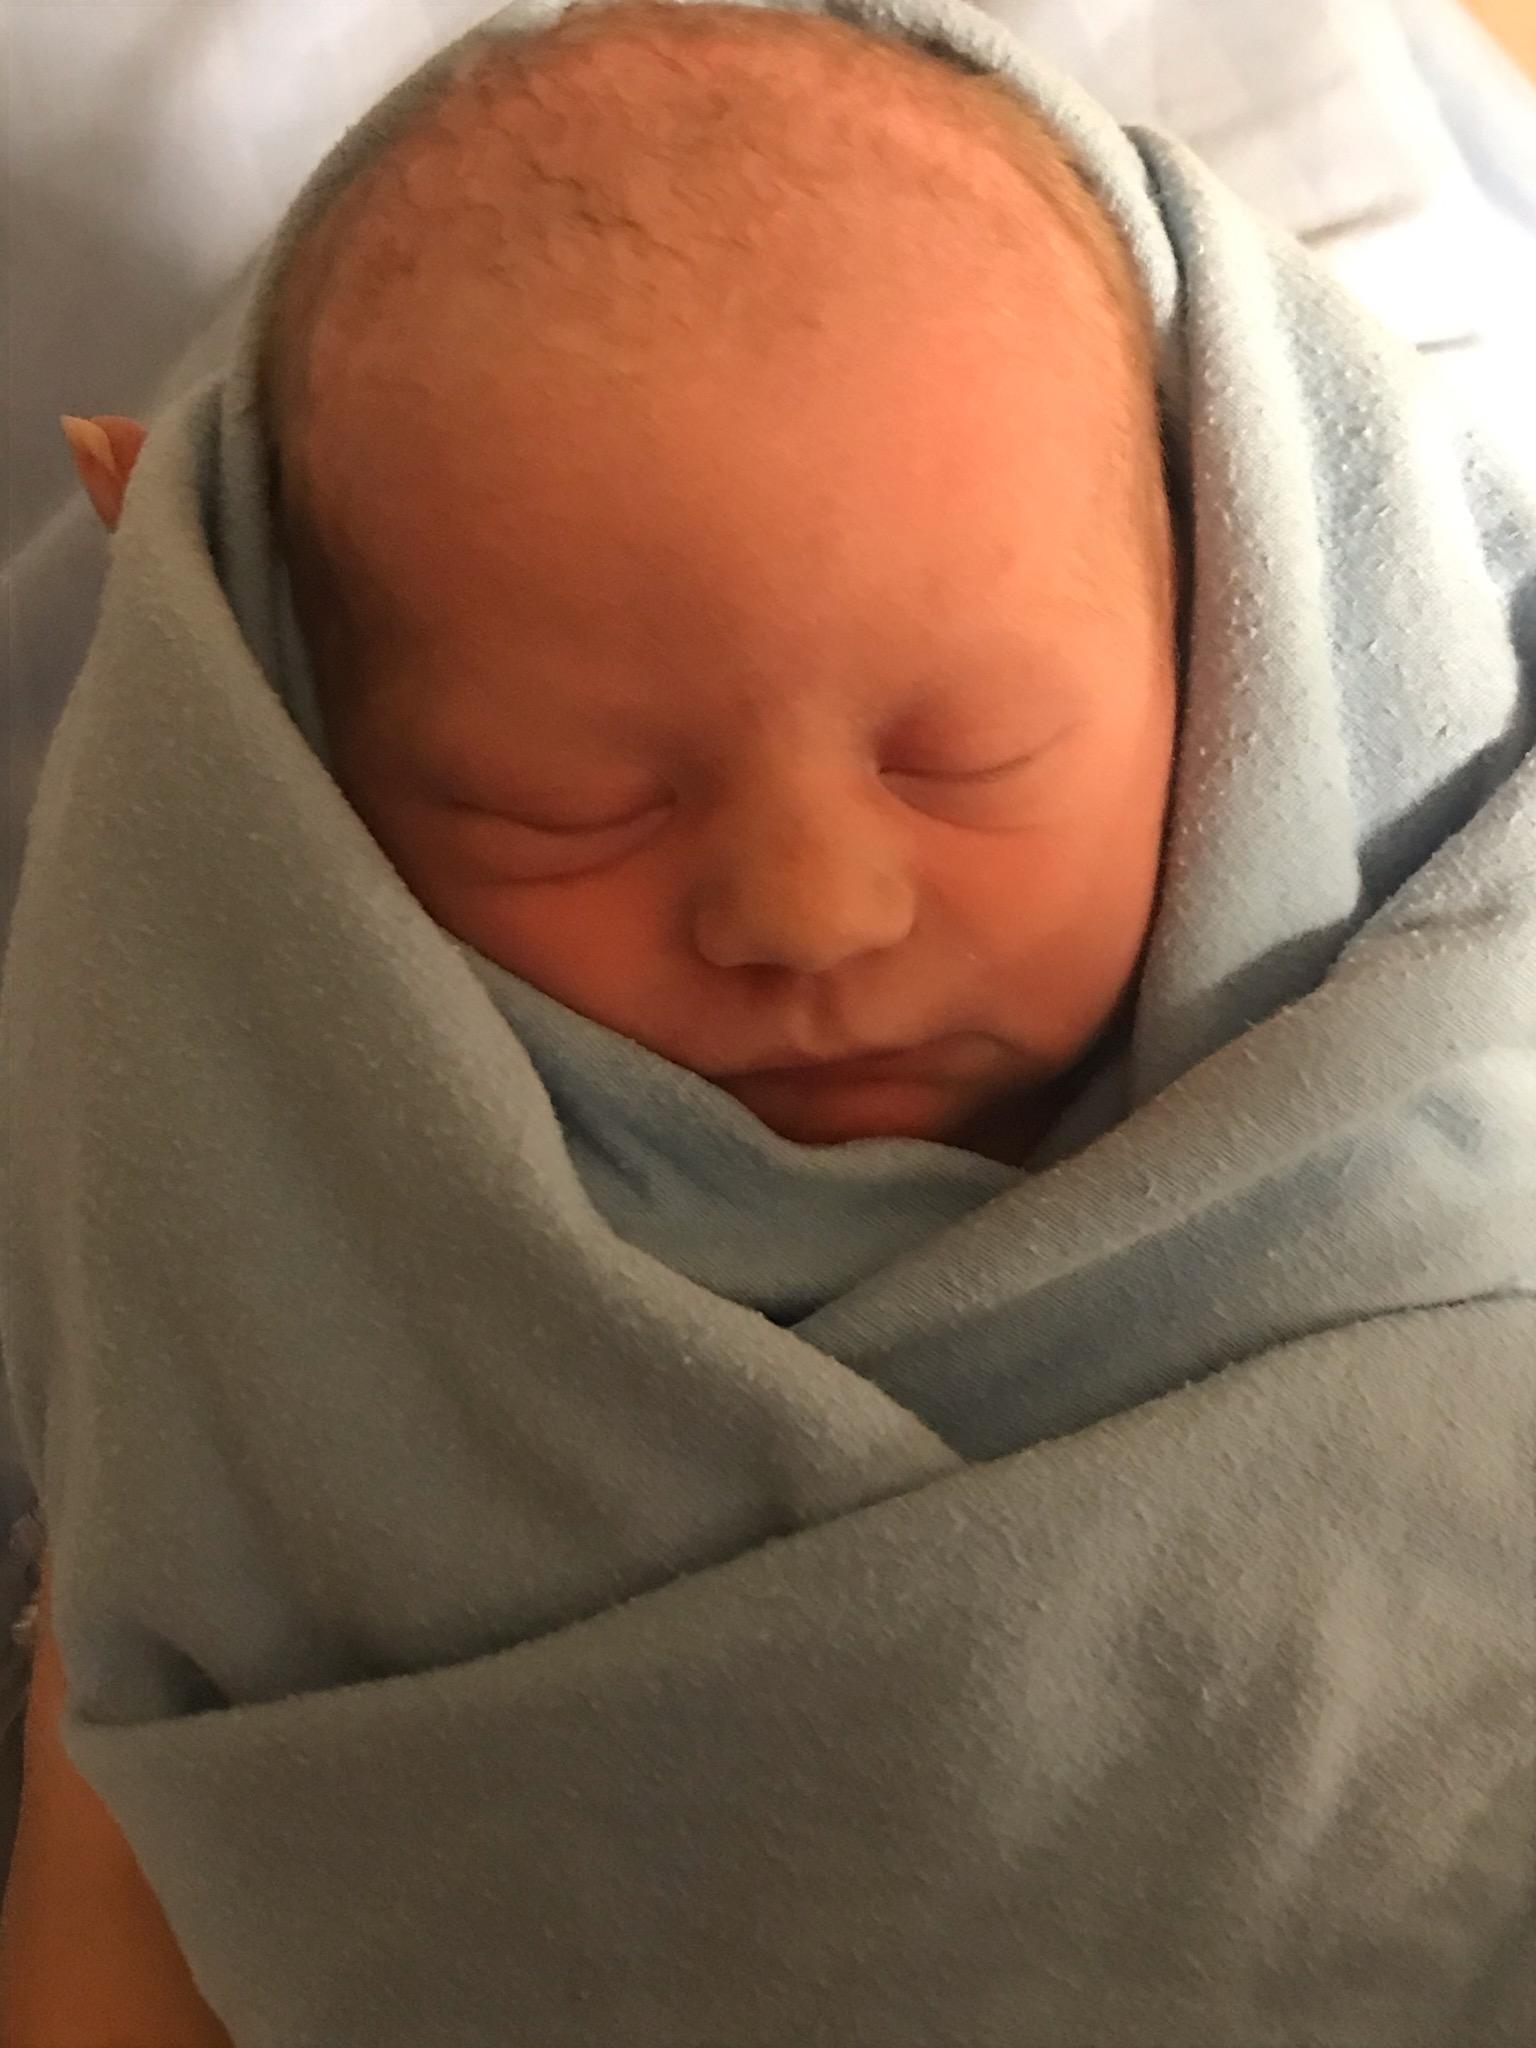 MikeVeenema-baby-GarrettMichaelVeenema.jpg